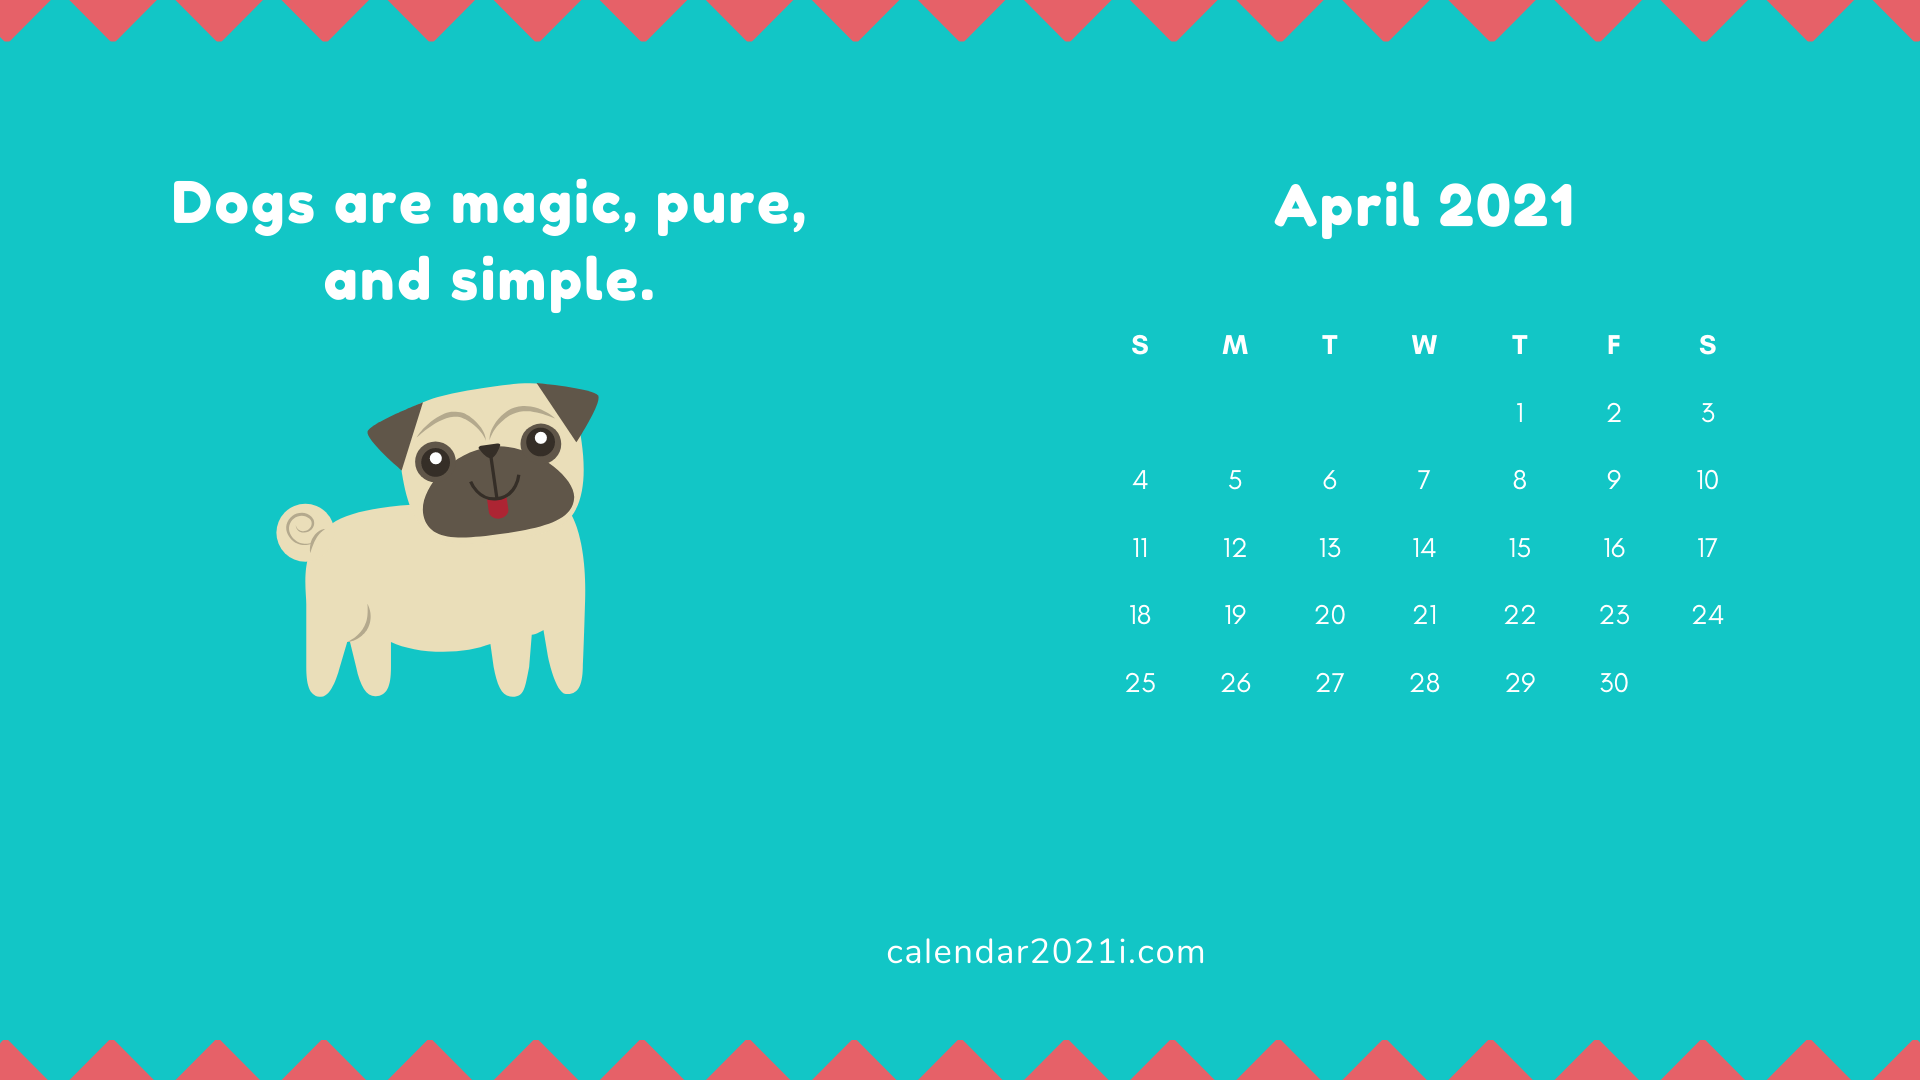 April 2021 Calendar Wallpapers Top Free April 2021 Calendar Backgrounds Wallpaperaccess